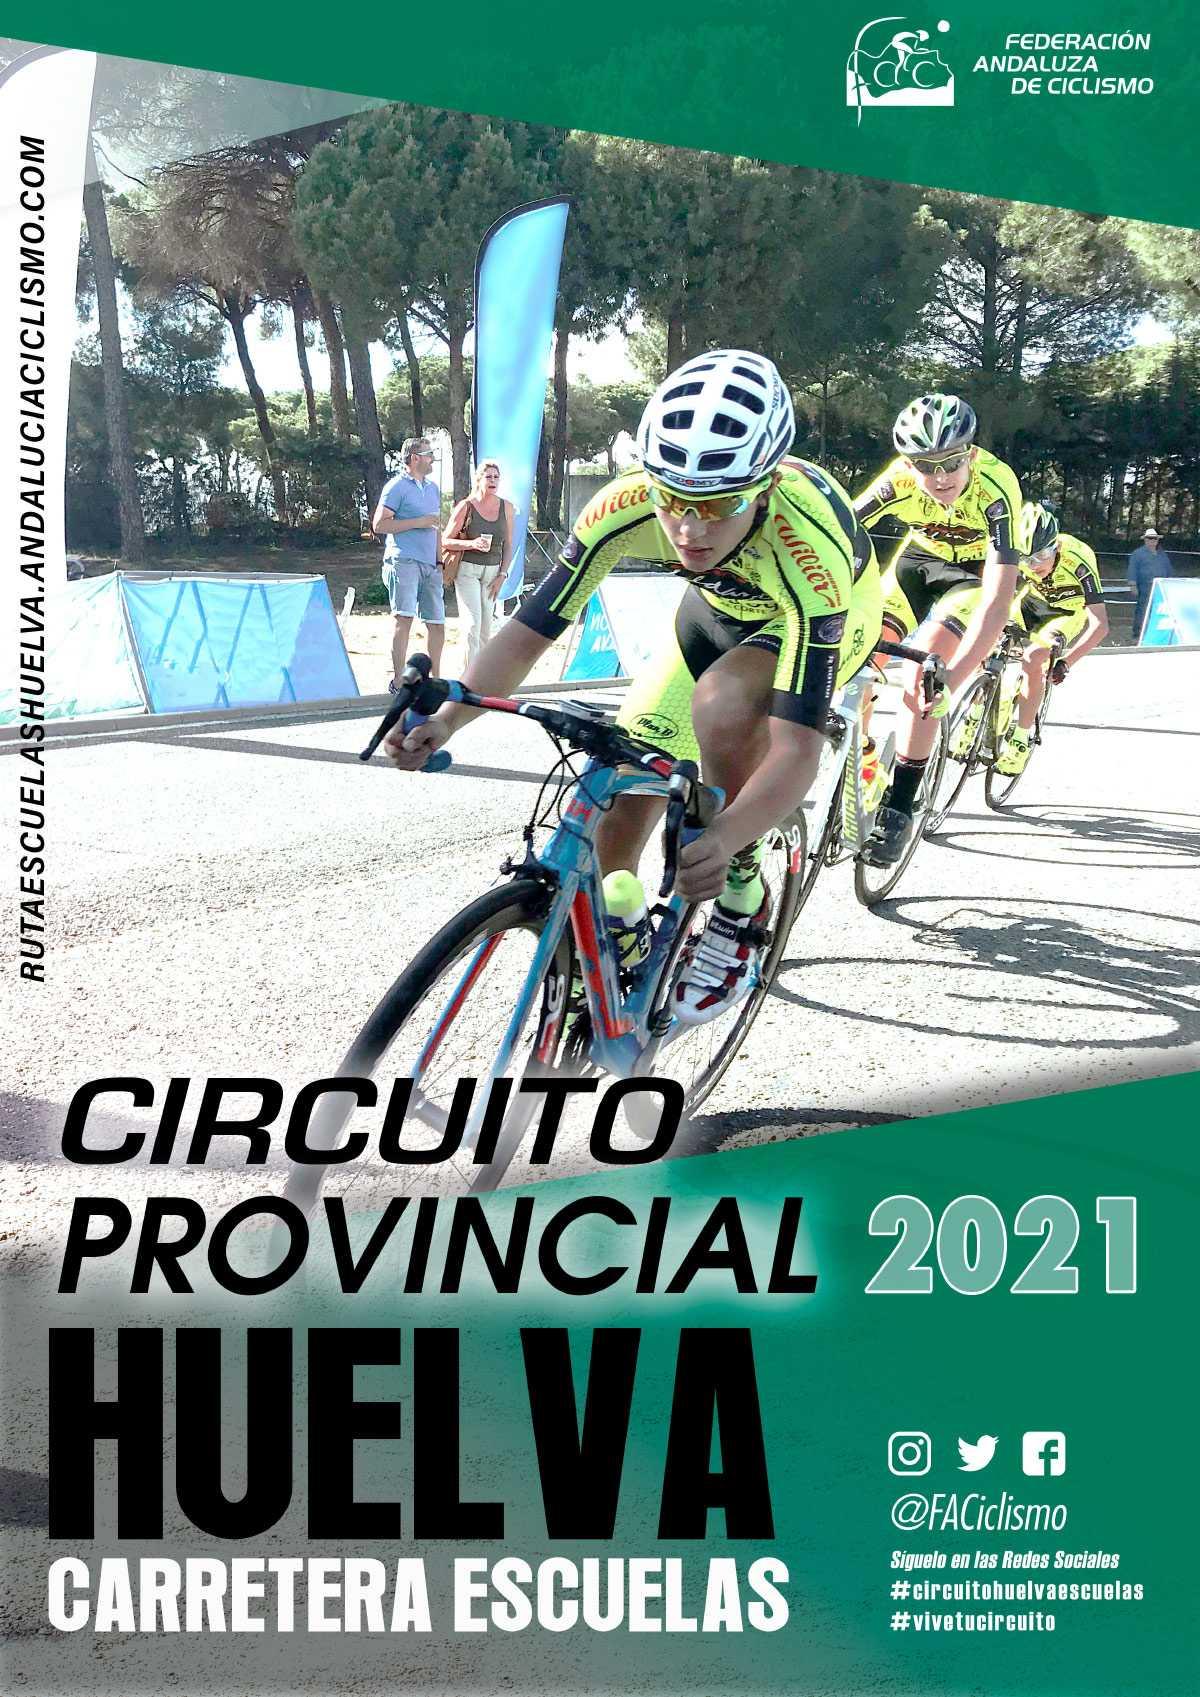 Fechas del Circuito Provincial de Huelva Carretera Escuelas 2021